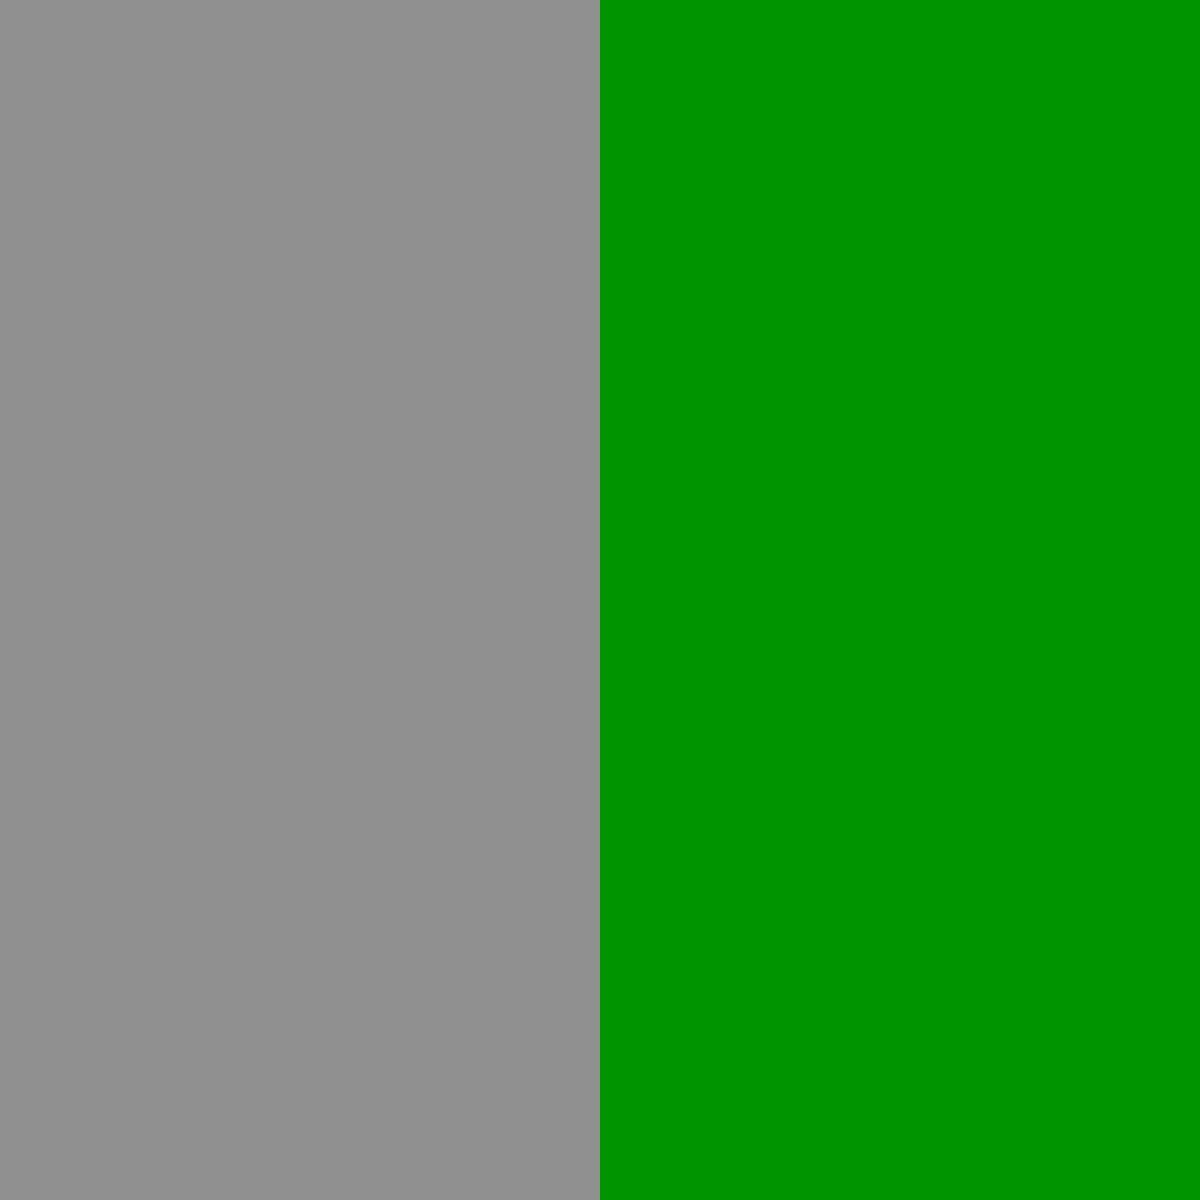 šedá/zelená (grey/green)